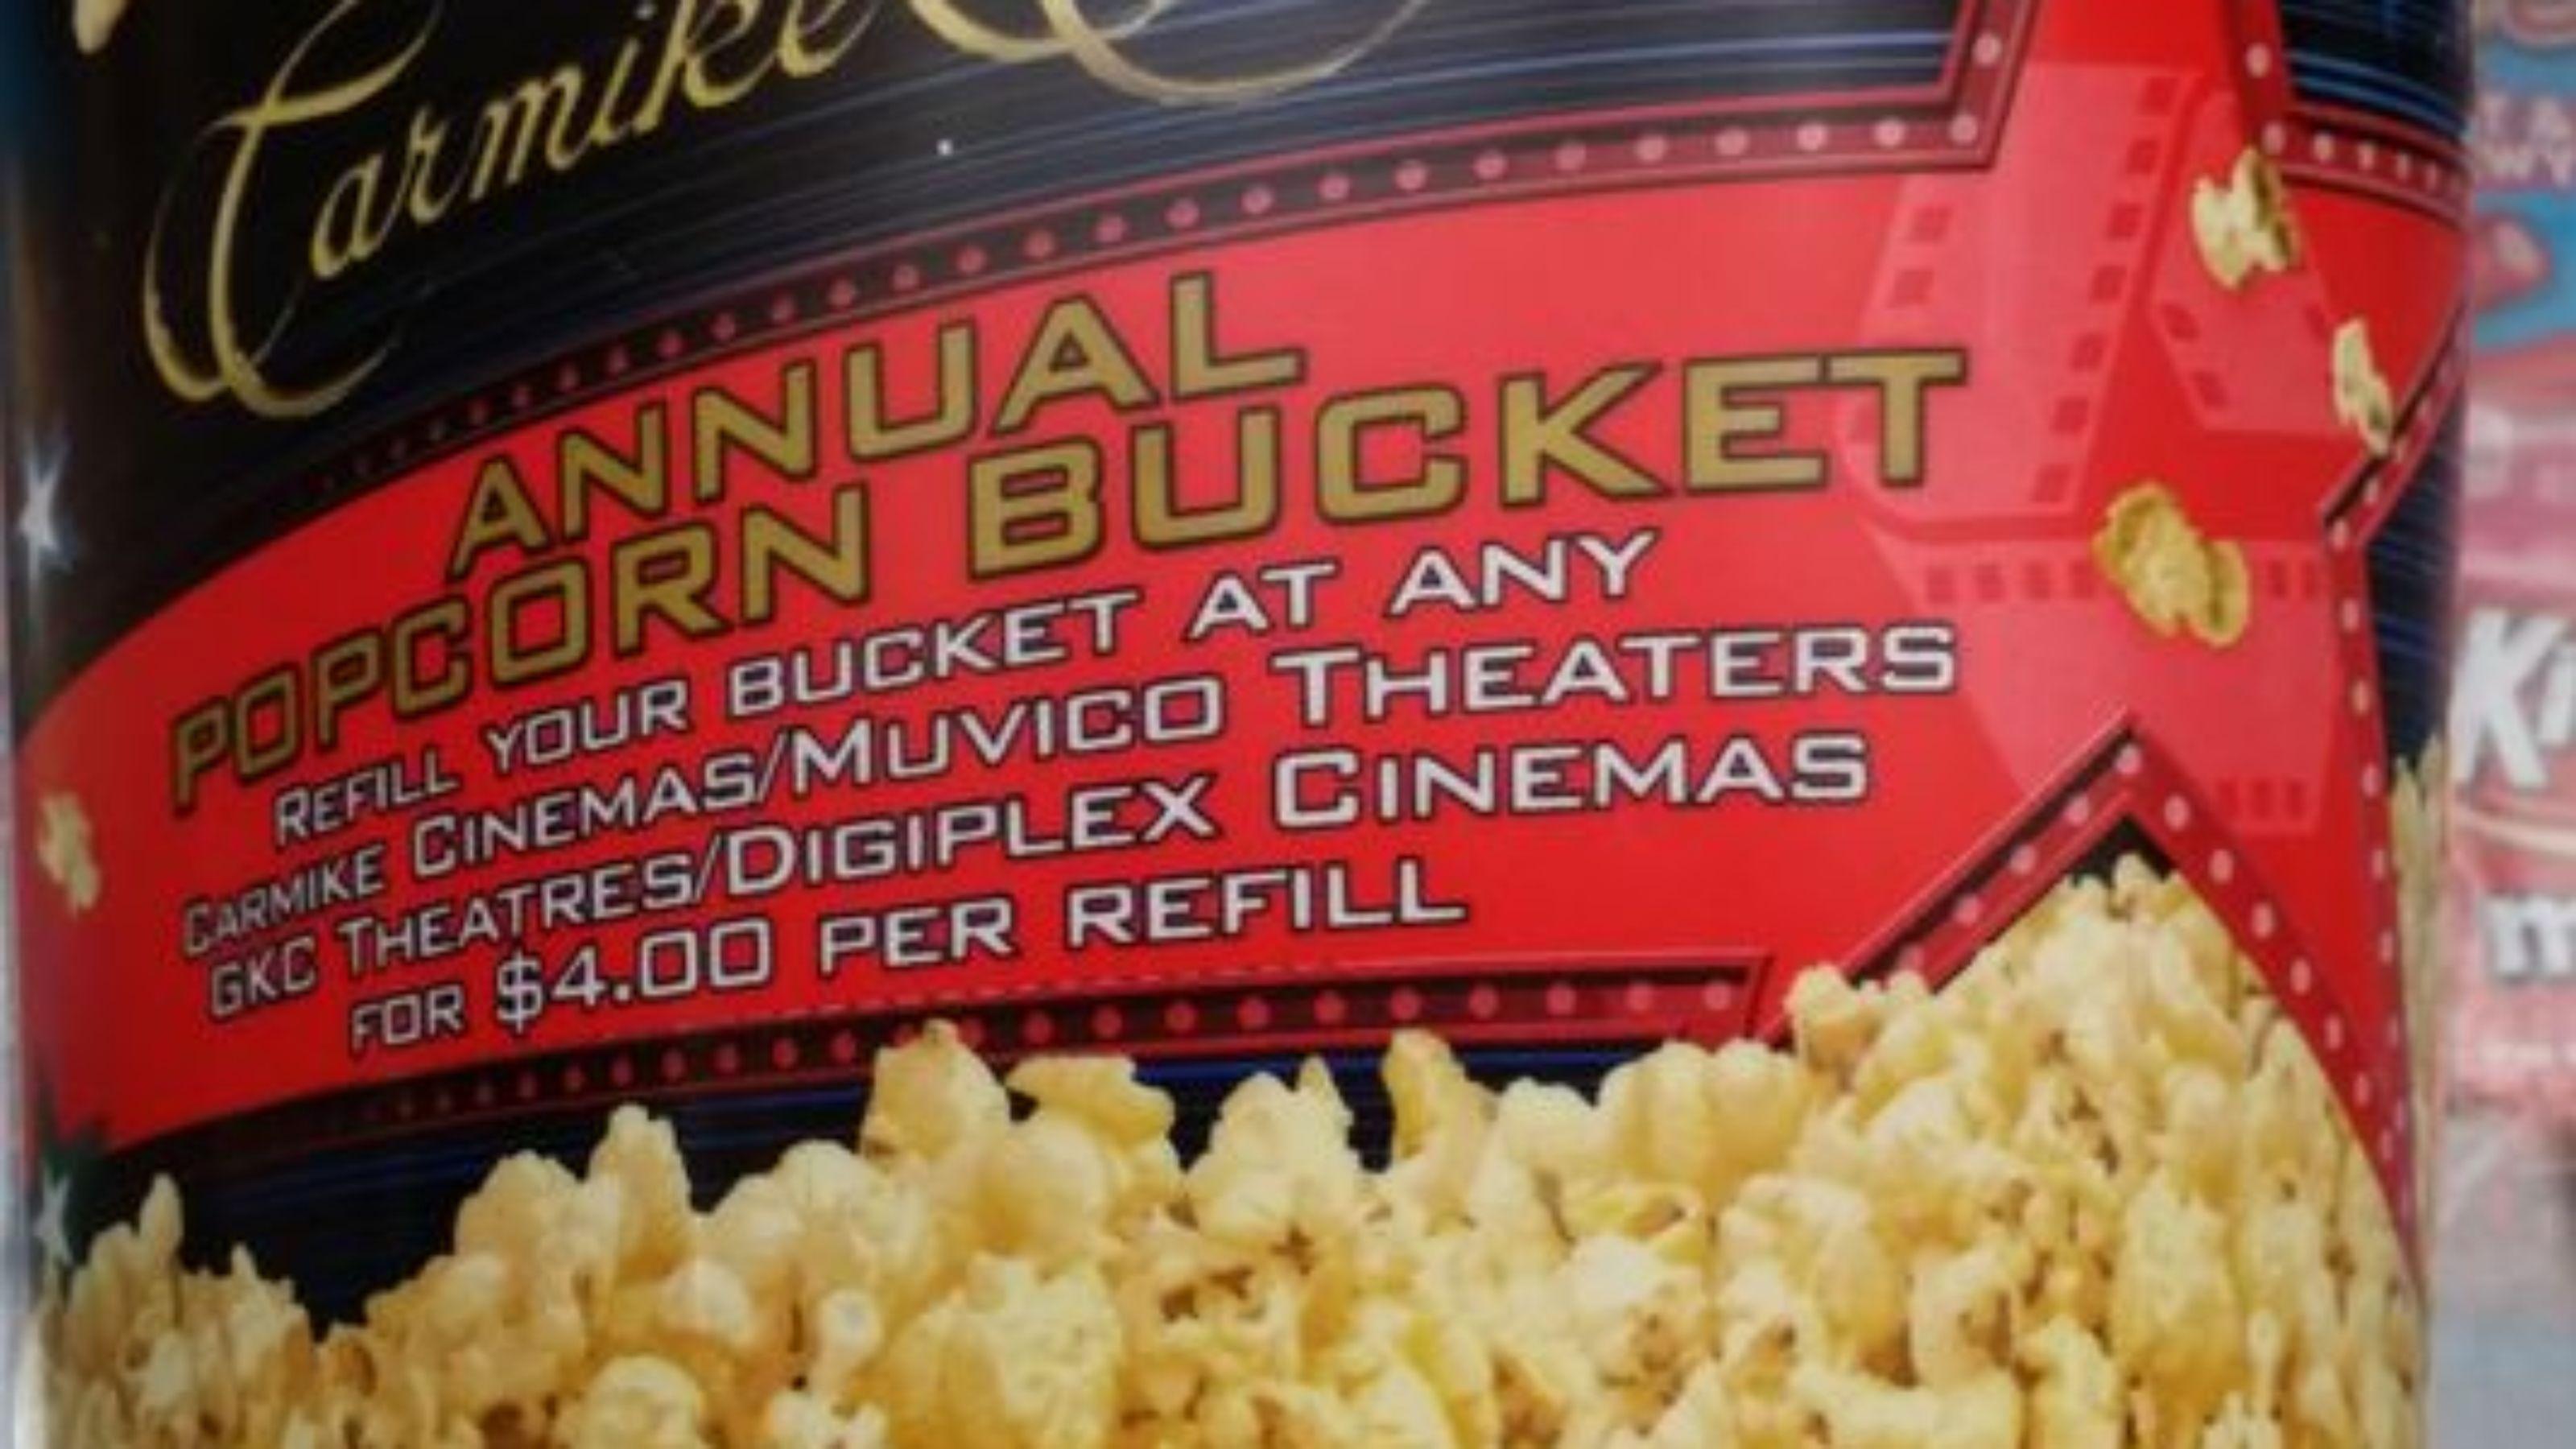 Popcorn Bucket: Regal Cinemas Popcorn Bucket - Regal Cinema Free Popcorn Printable Coupons